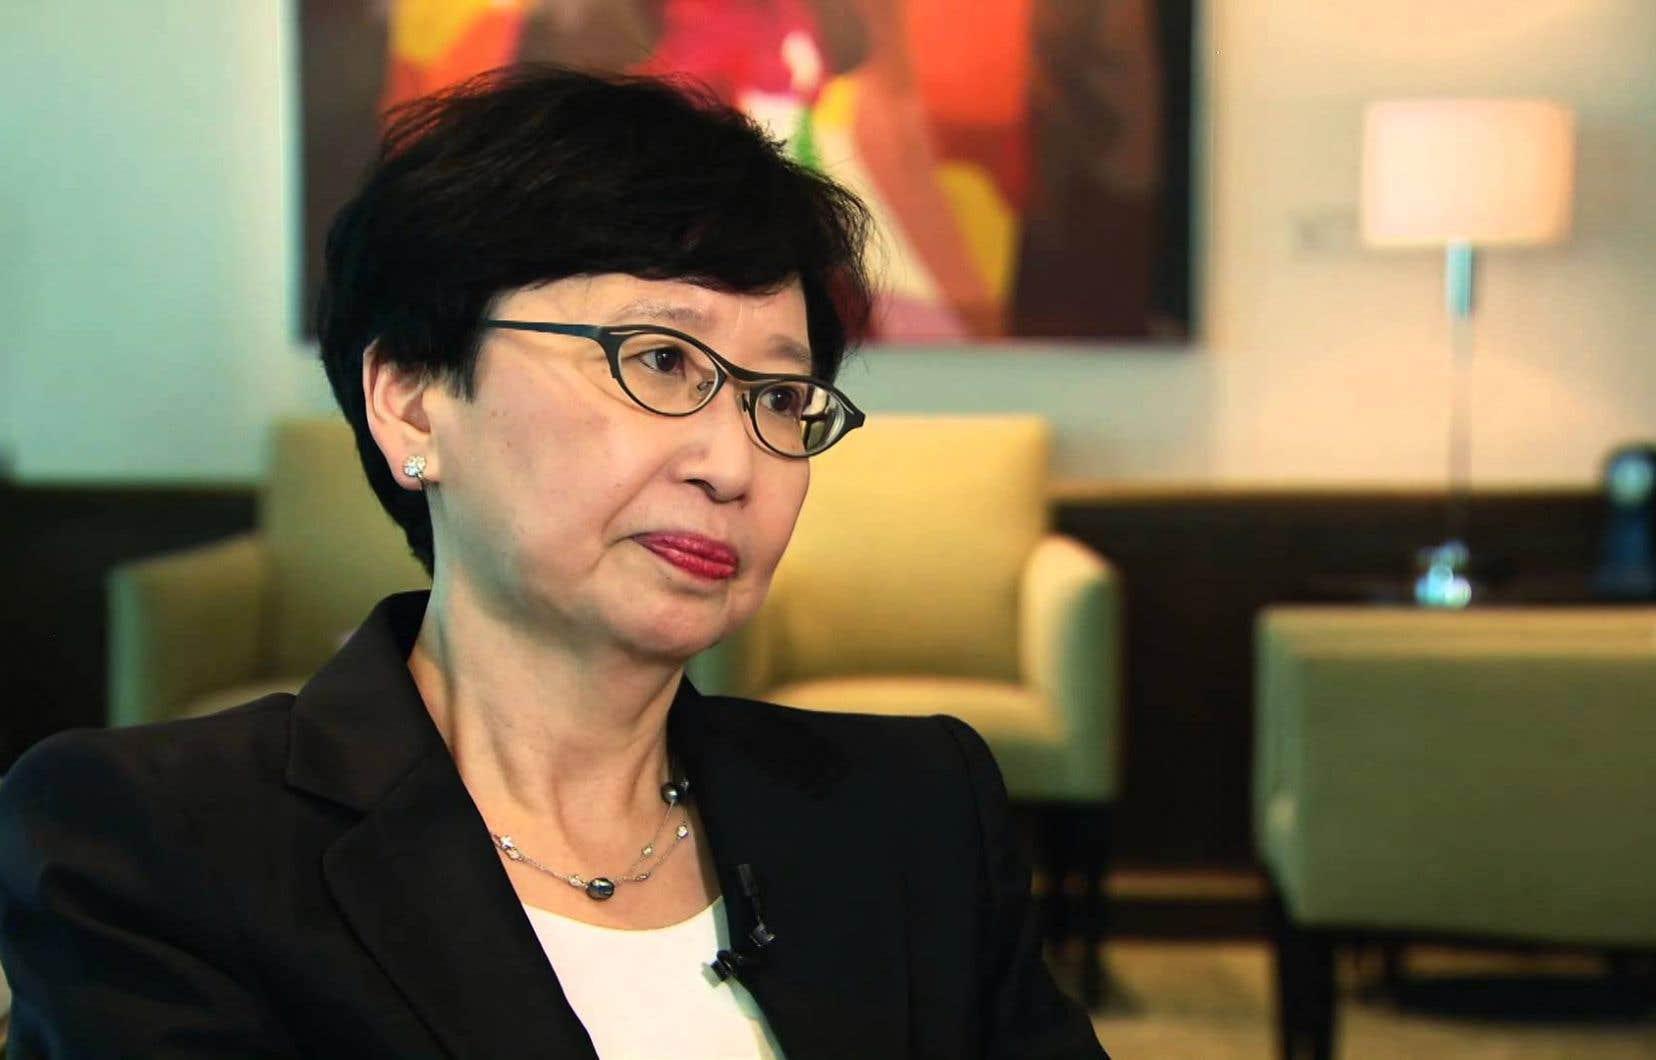 Le conseil d'administration de la nouvelle Banque de l'infrastructure du Canada sera présidé par Janice Fukakusa.